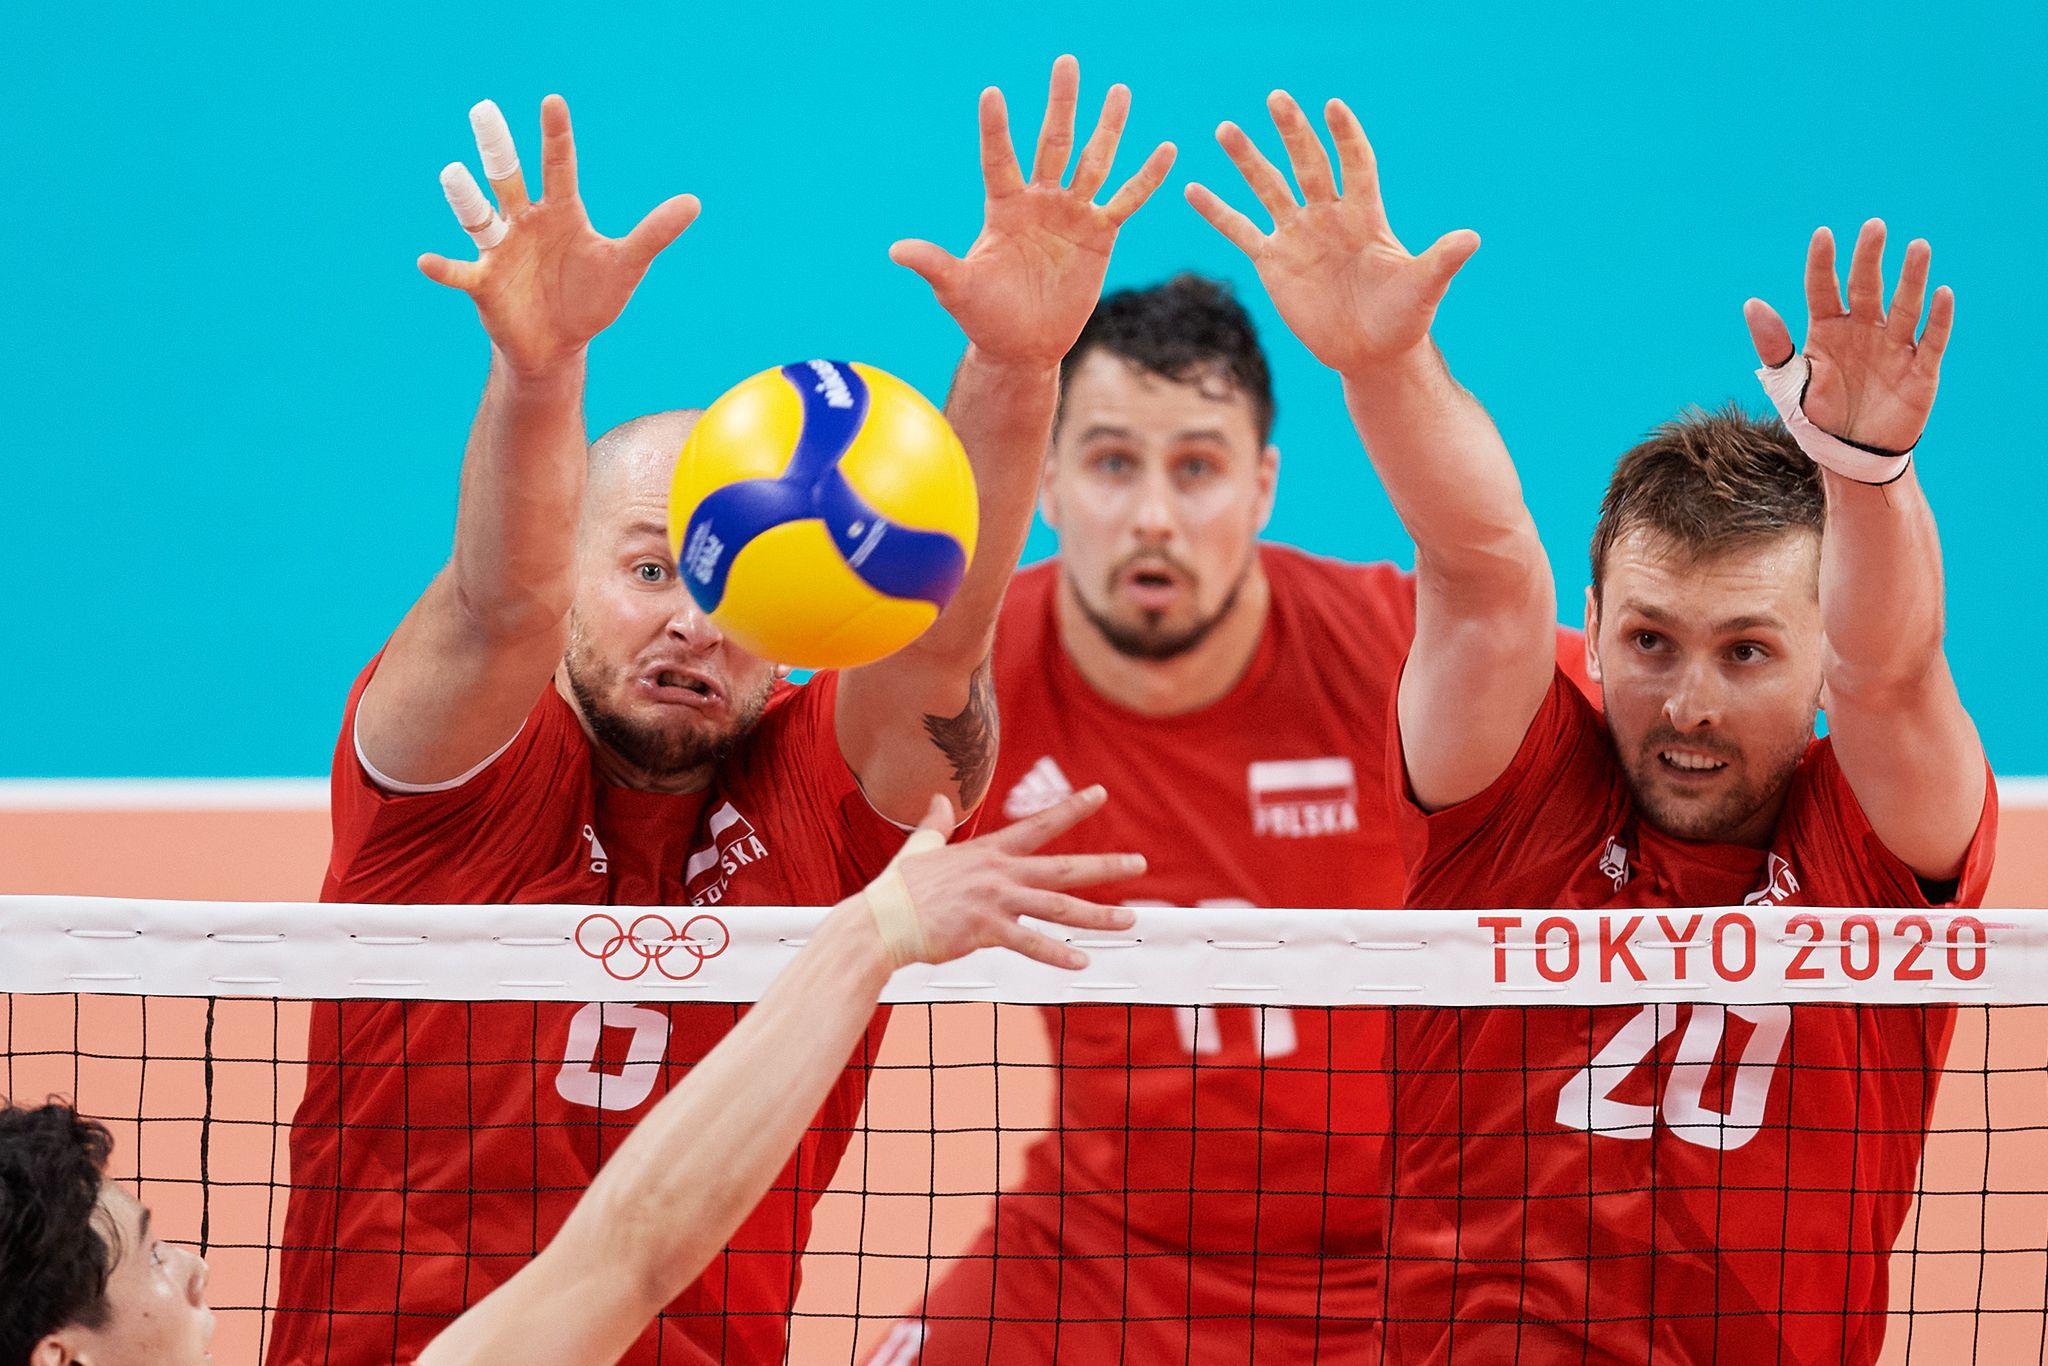 polska francja igrzyska olimpijskie tokio ćwierćfinał